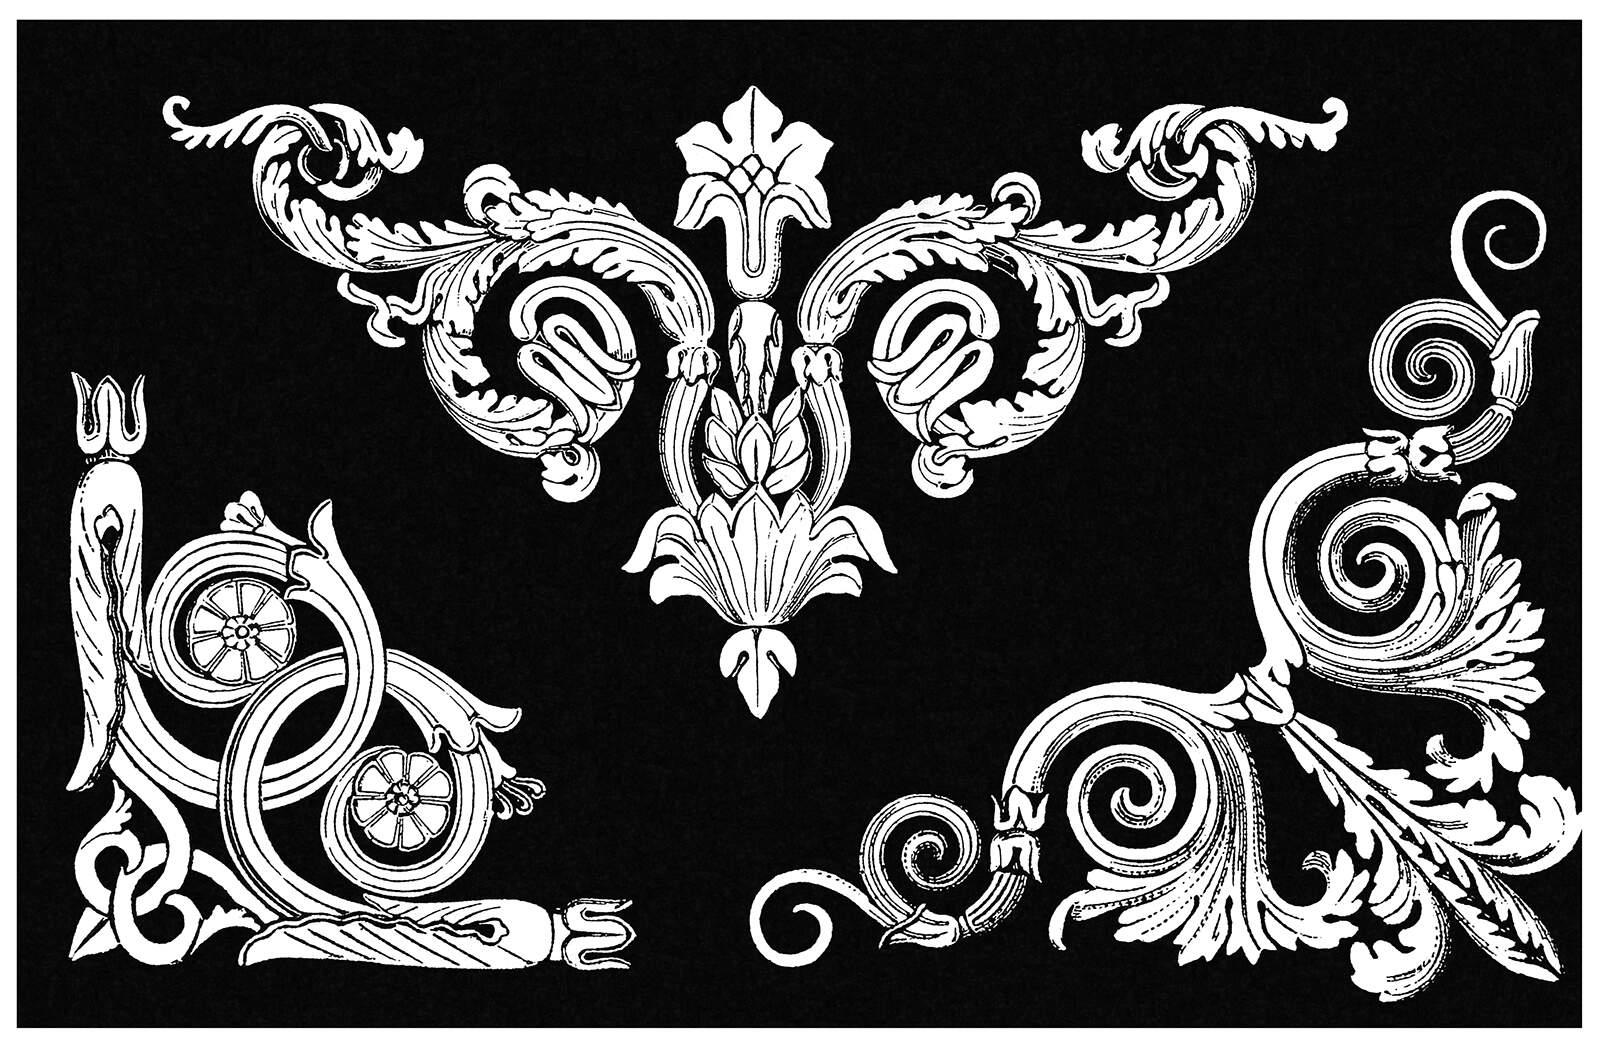 scroll-book-9-1600.jpg (1600×1050)